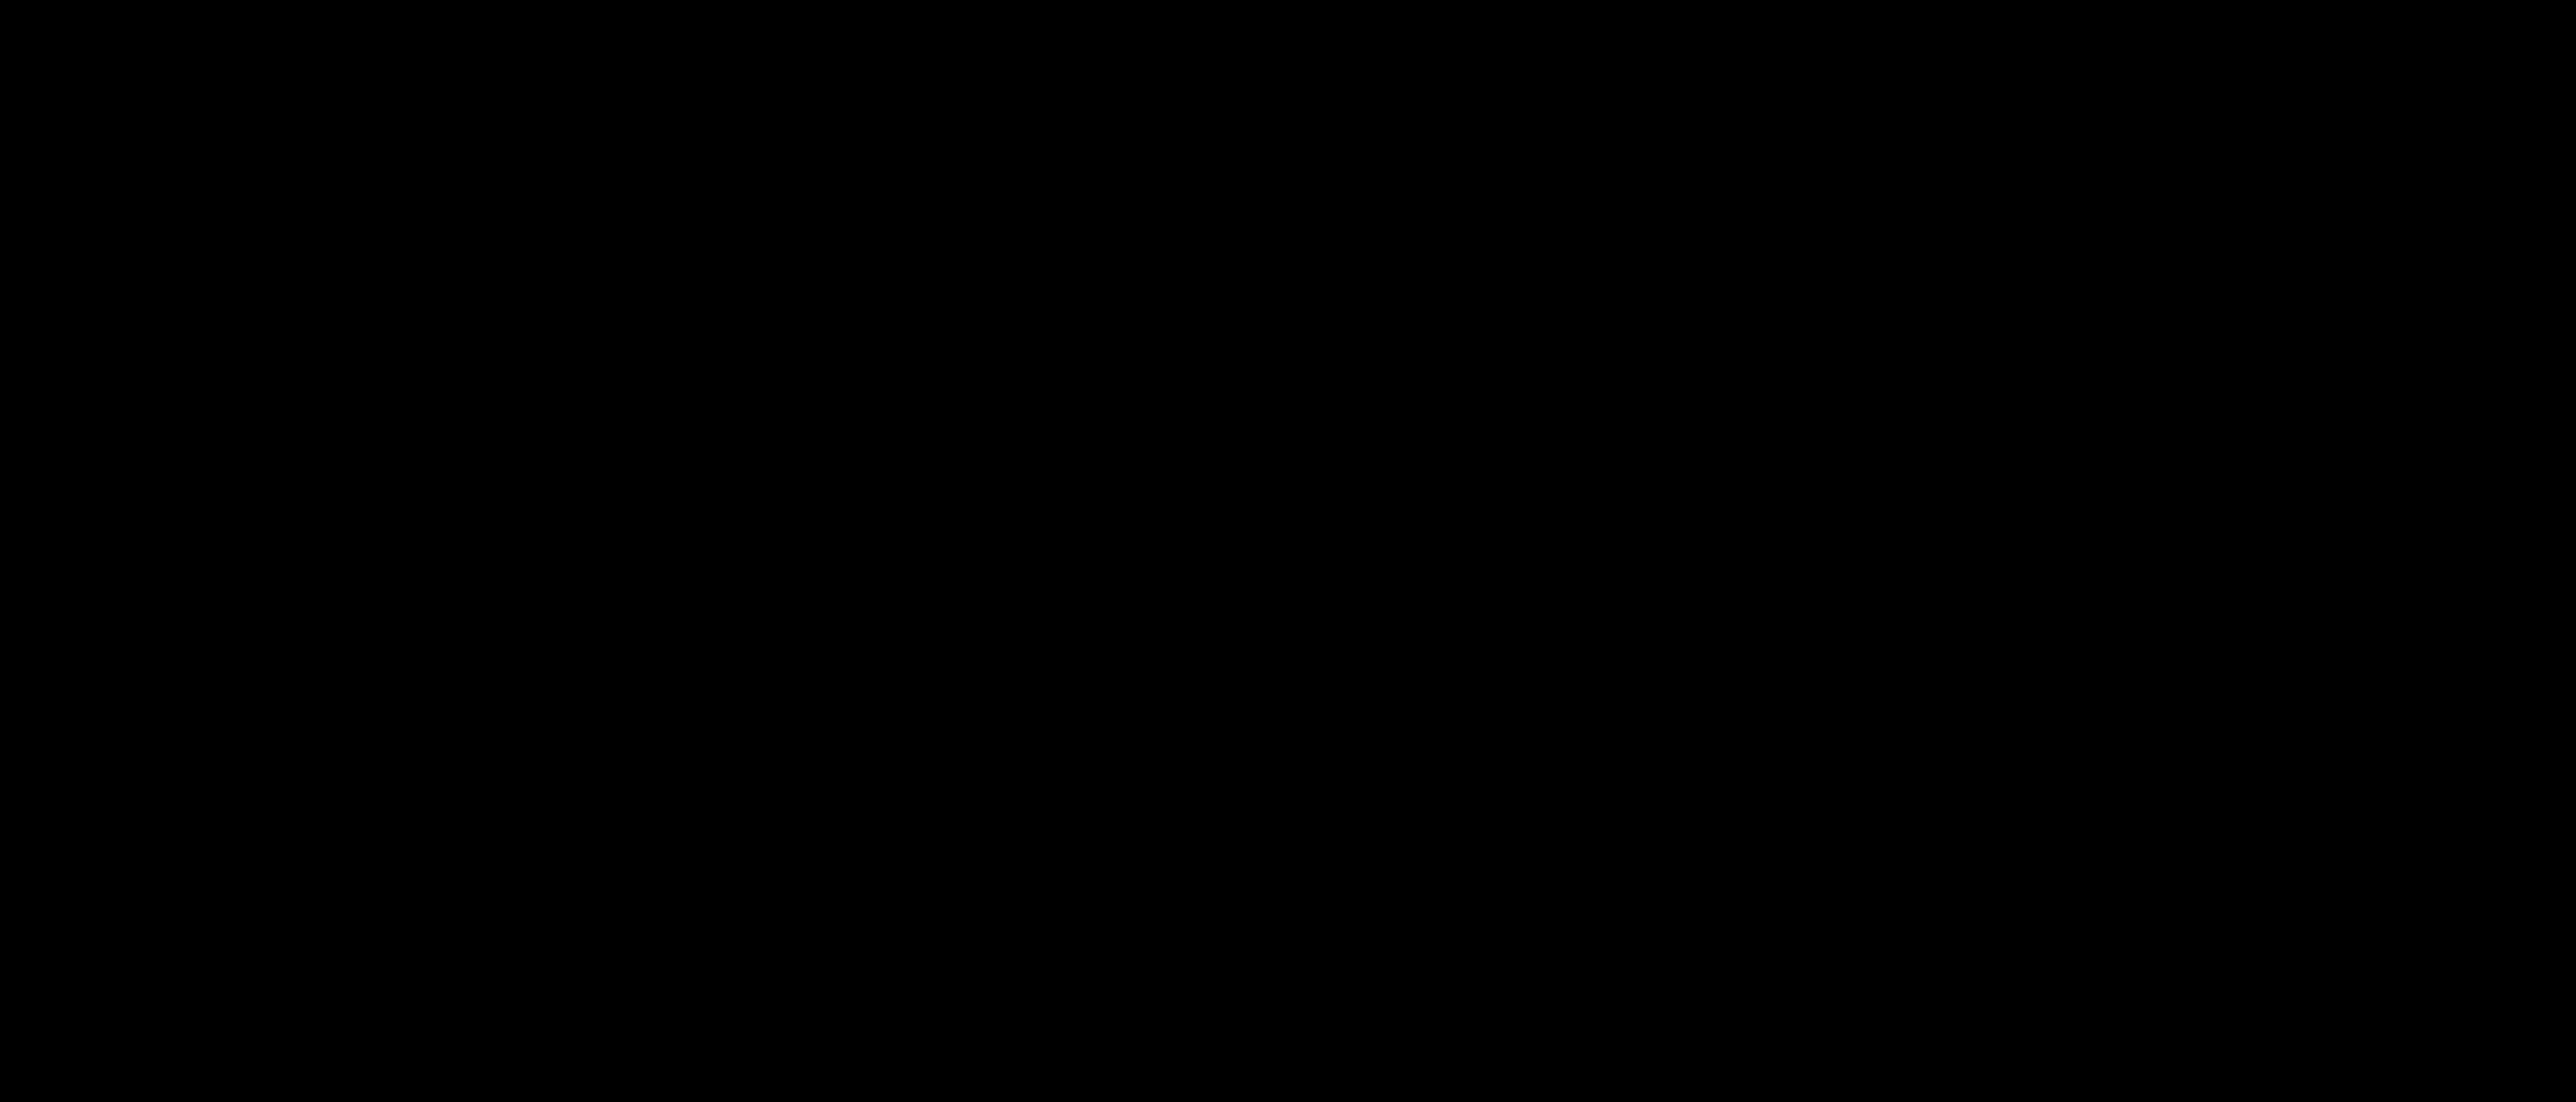 zildjian logo 1 - Zildjian Logo